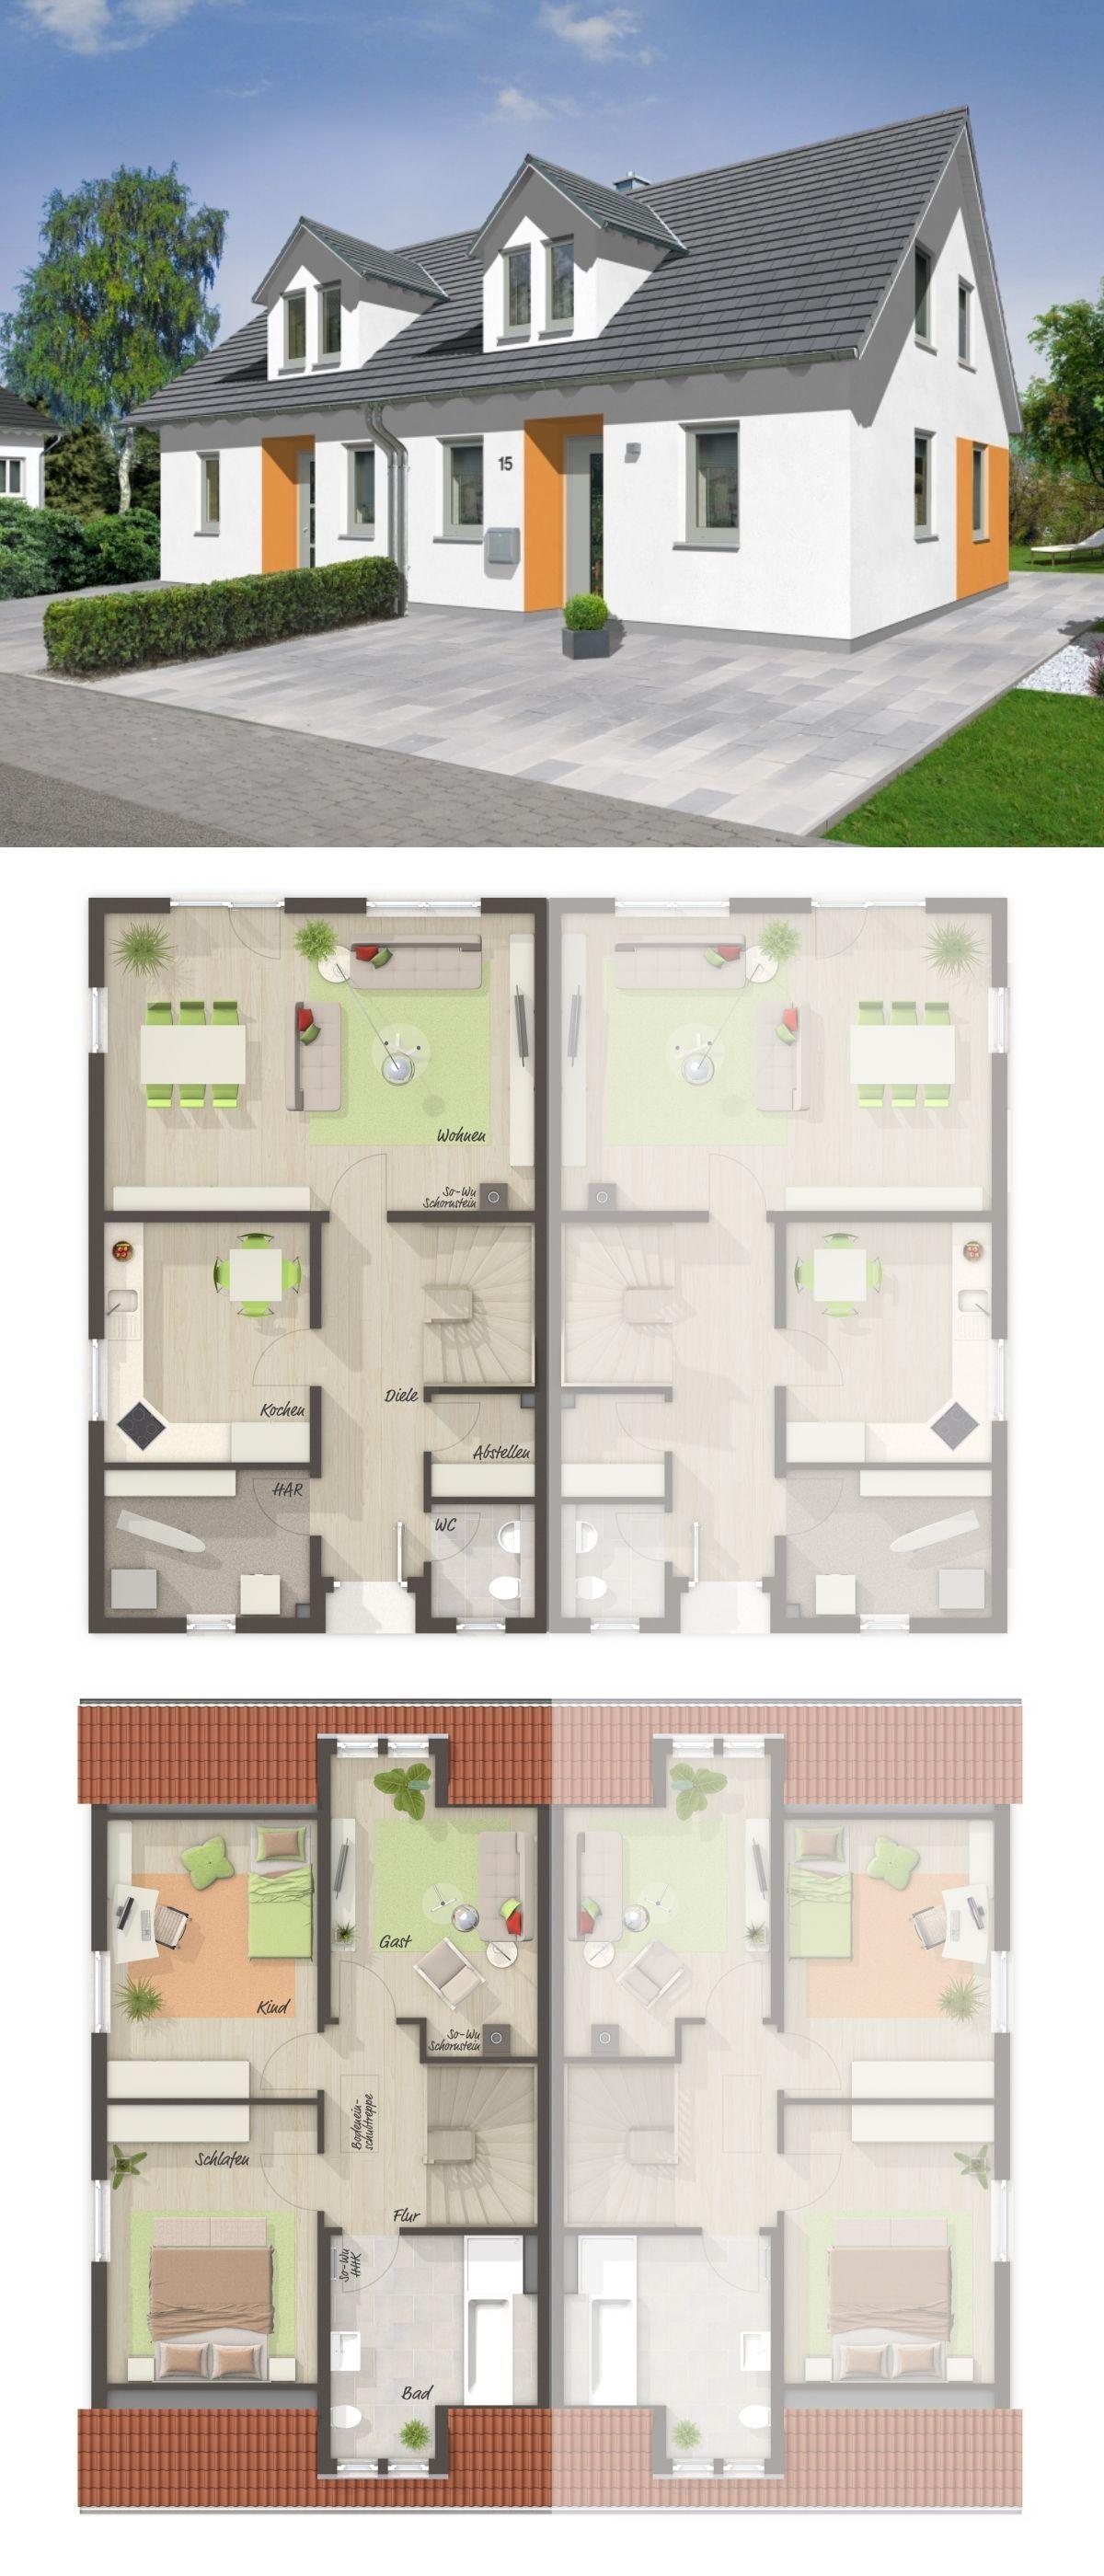 Doppelhaushälfte Grundriss mit Satteldach Architektur